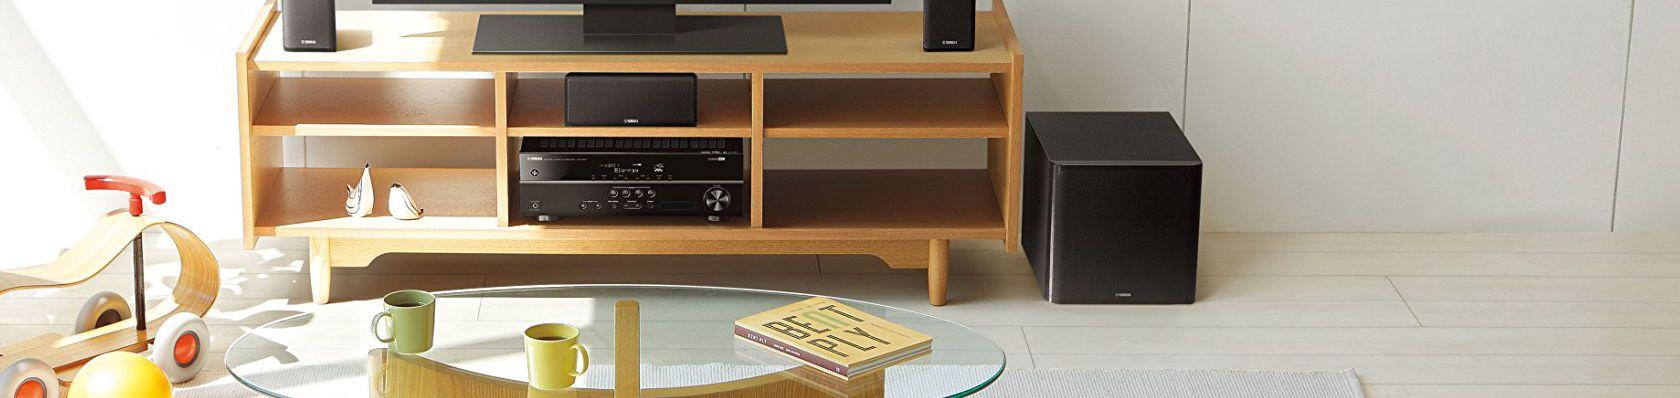 Stereo Verstärker im Test auf ExpertenTesten.de